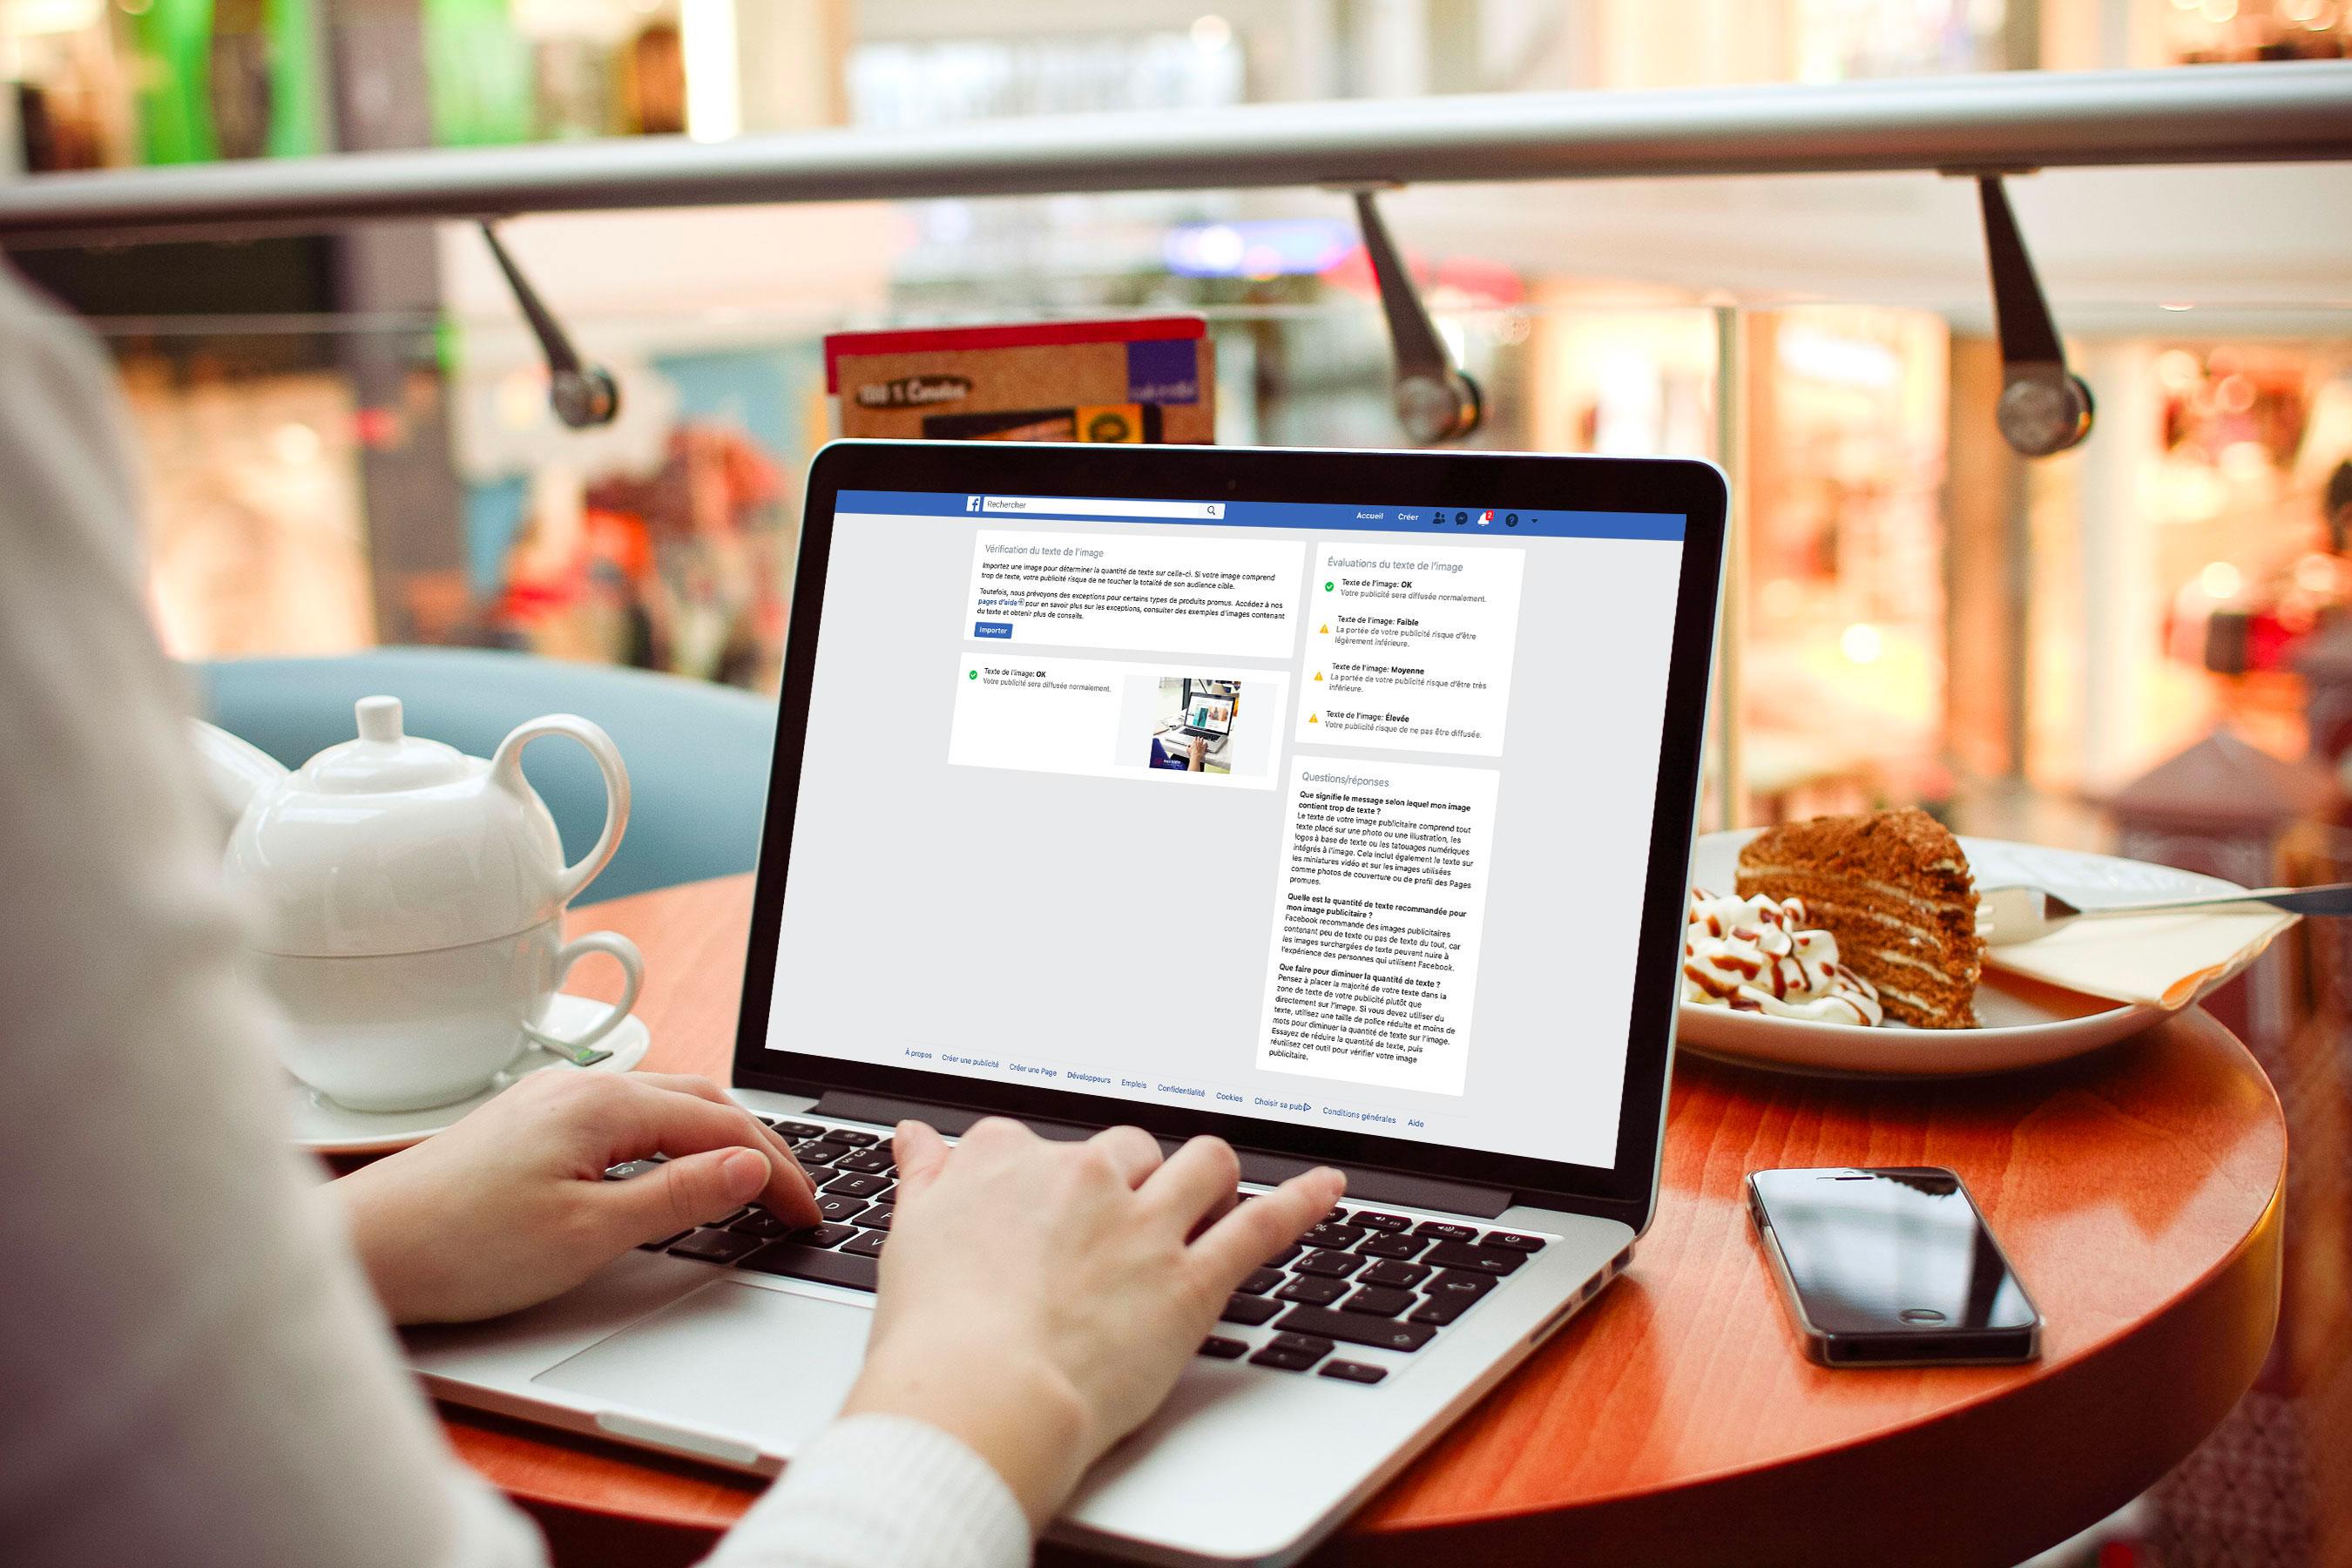 Comment valider le visuel d'une publicité Facebook?